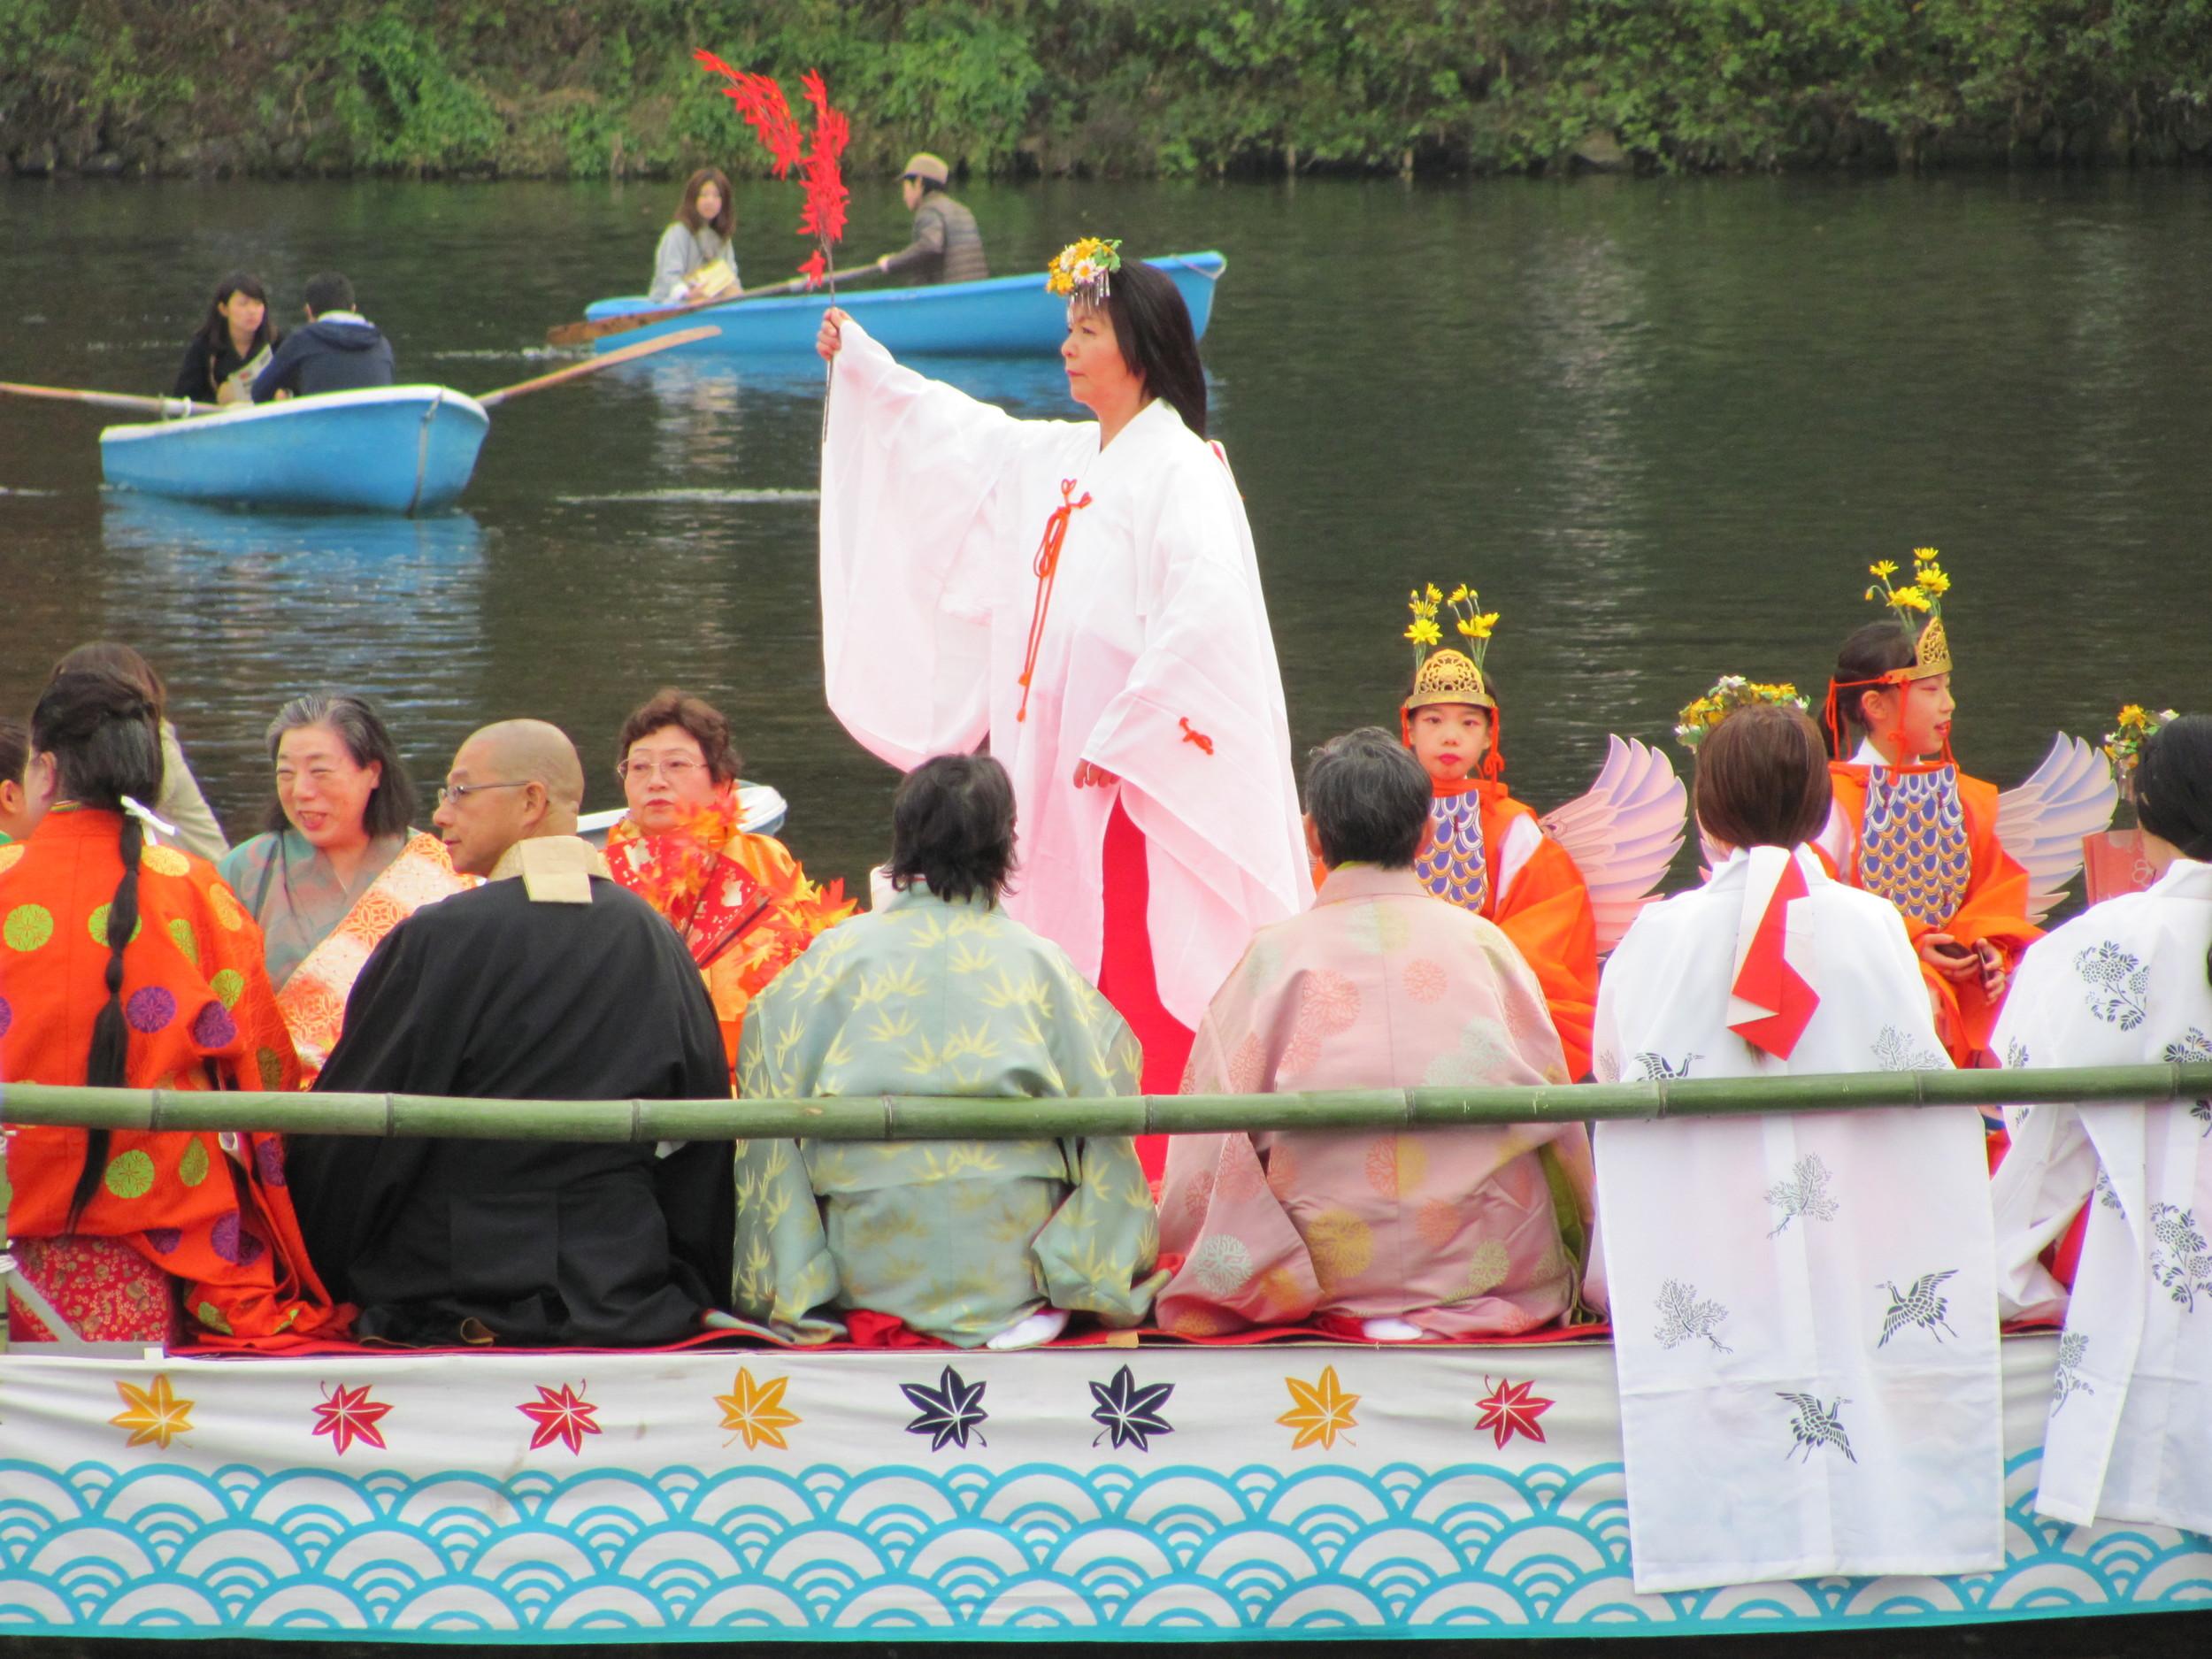 River boat festival, Kyoto, Japan